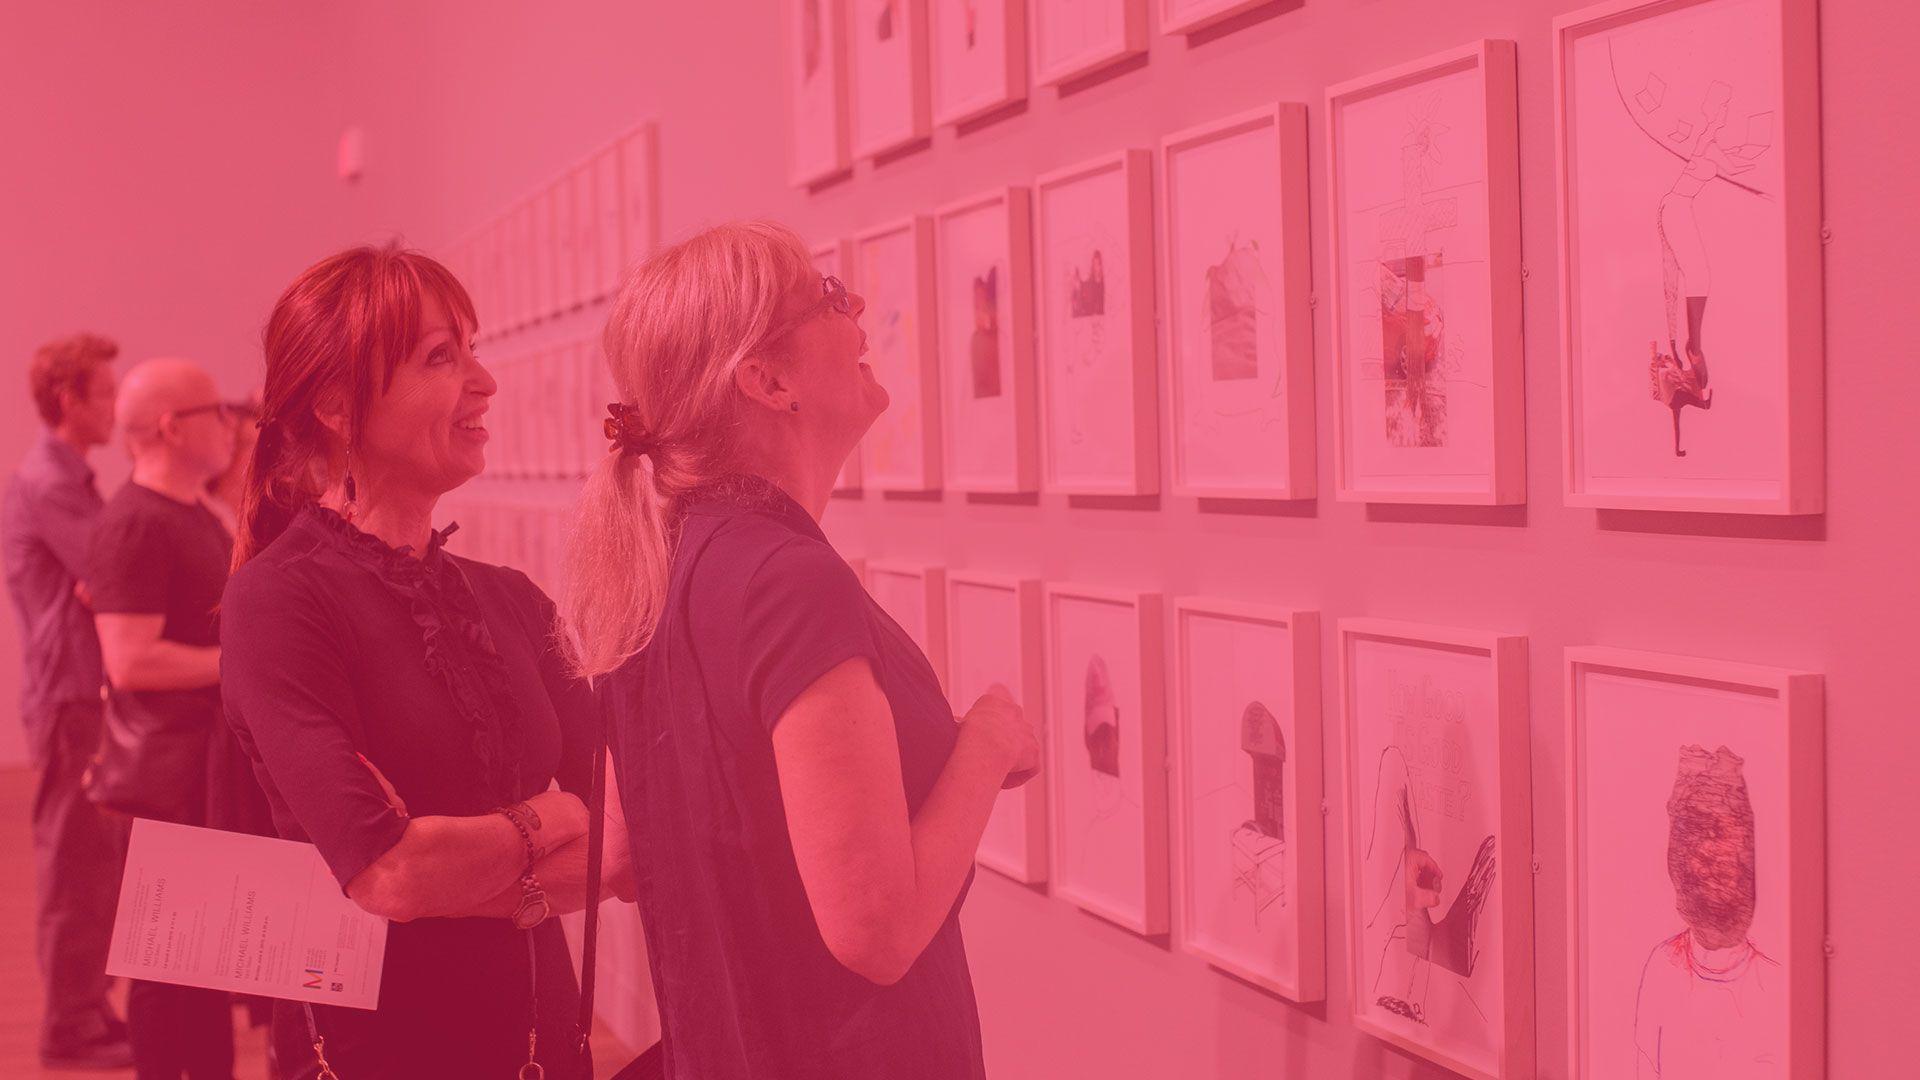 Deux femmes regardent un tableau lors d'une exposition.